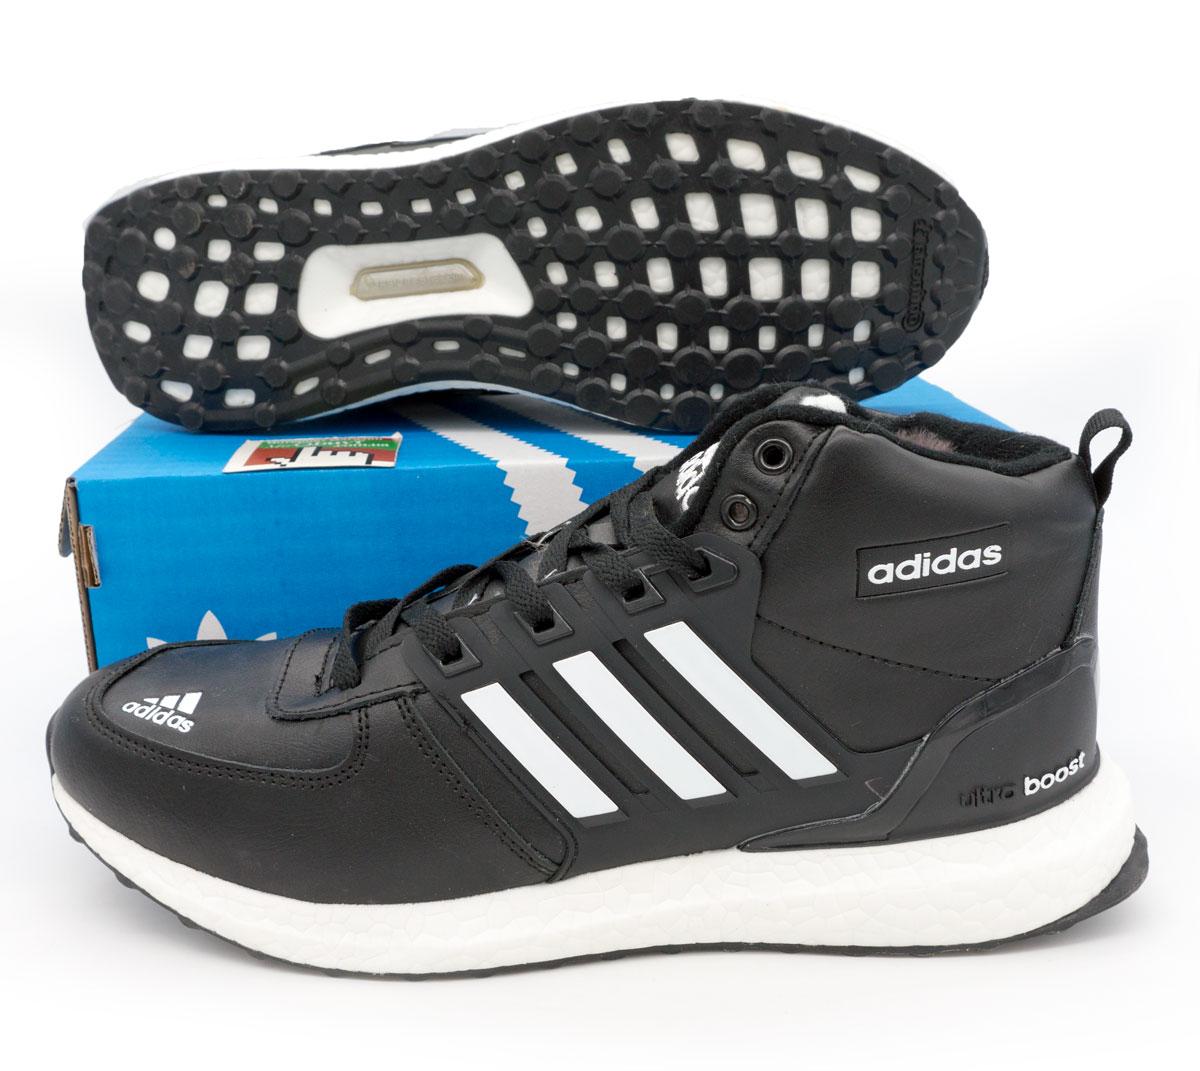 фото bottom Зимние мужские кроссовки Adidas Ultra boost черные с мехом bottom